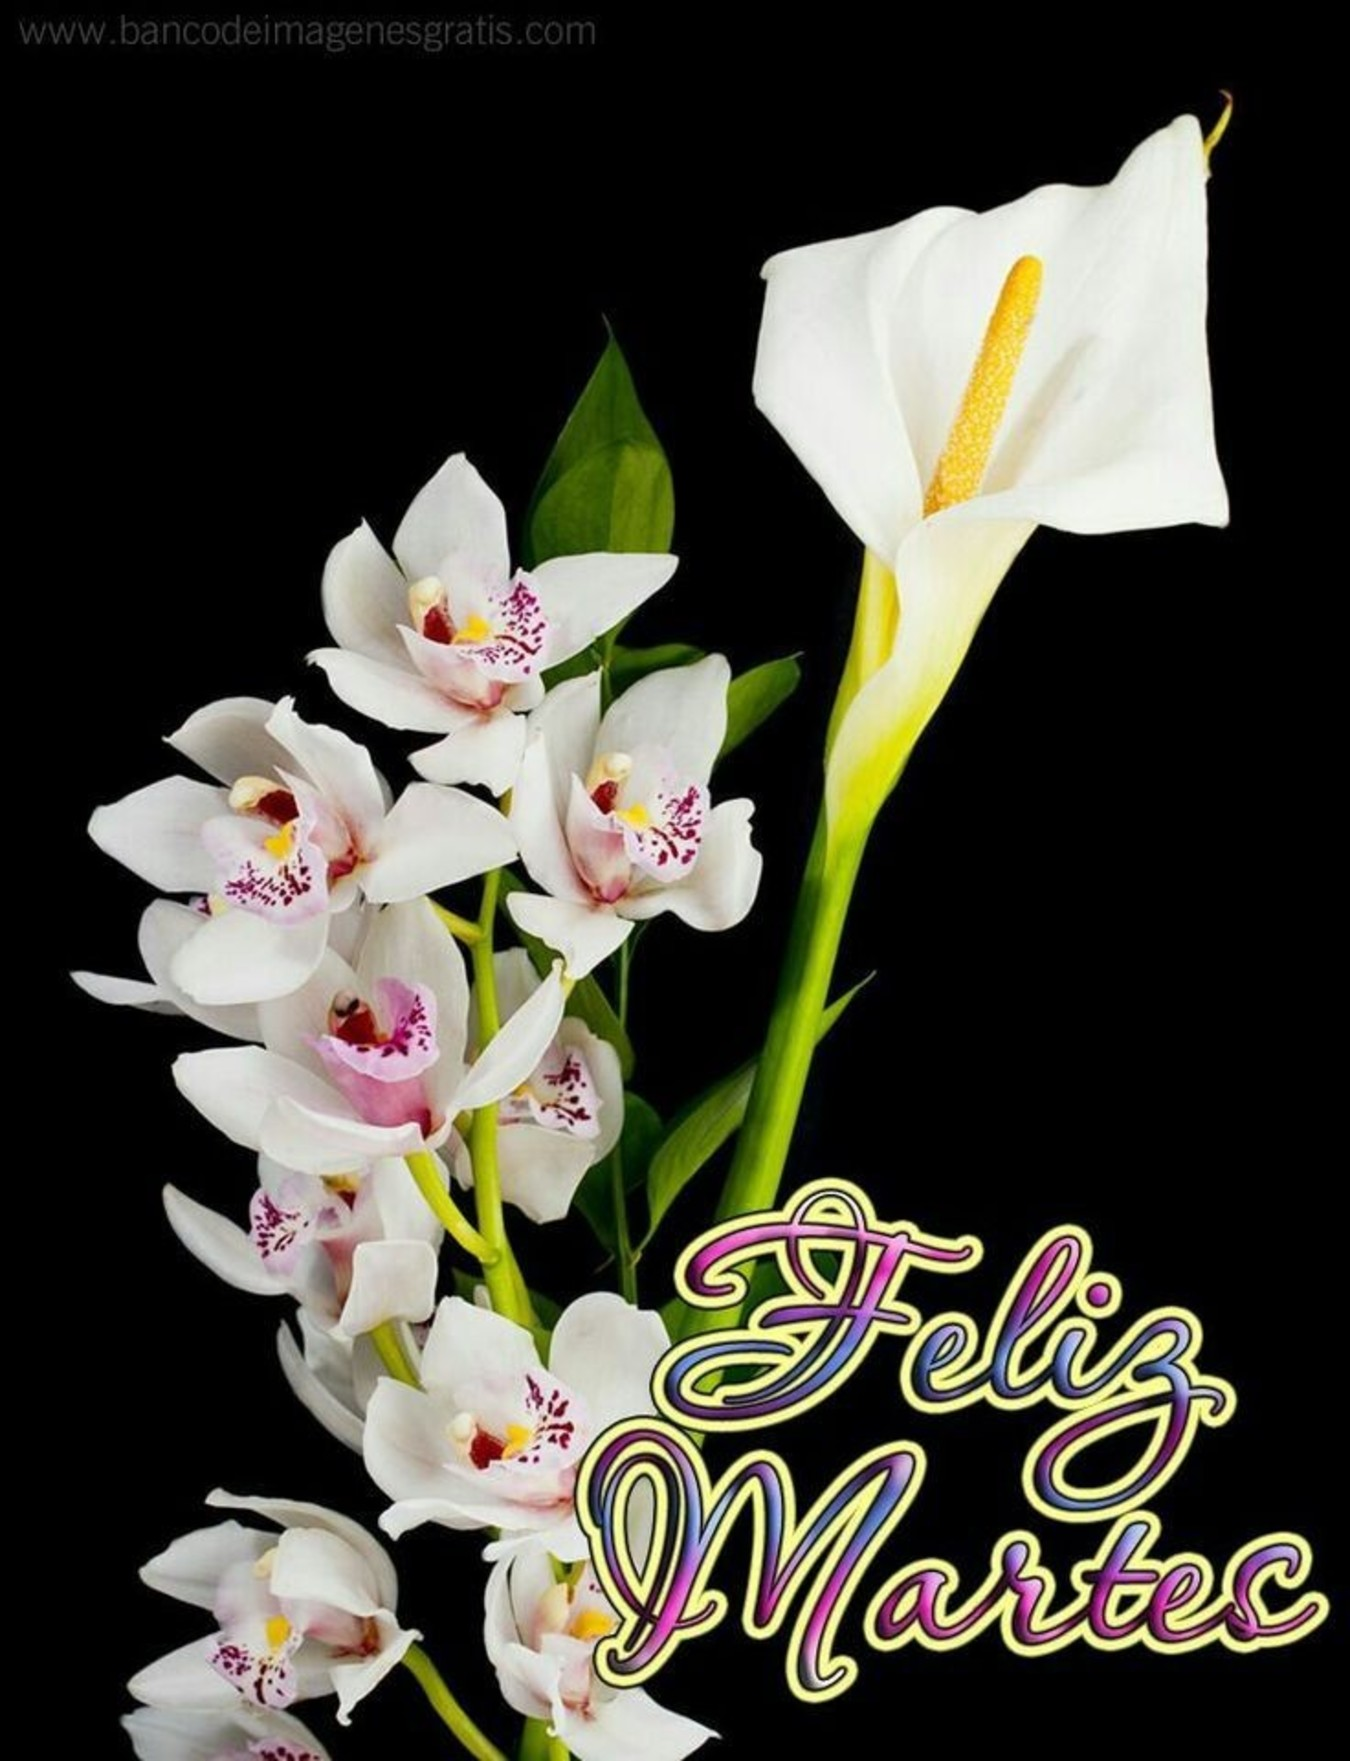 Feliz Miércoles con flores imágenes 6